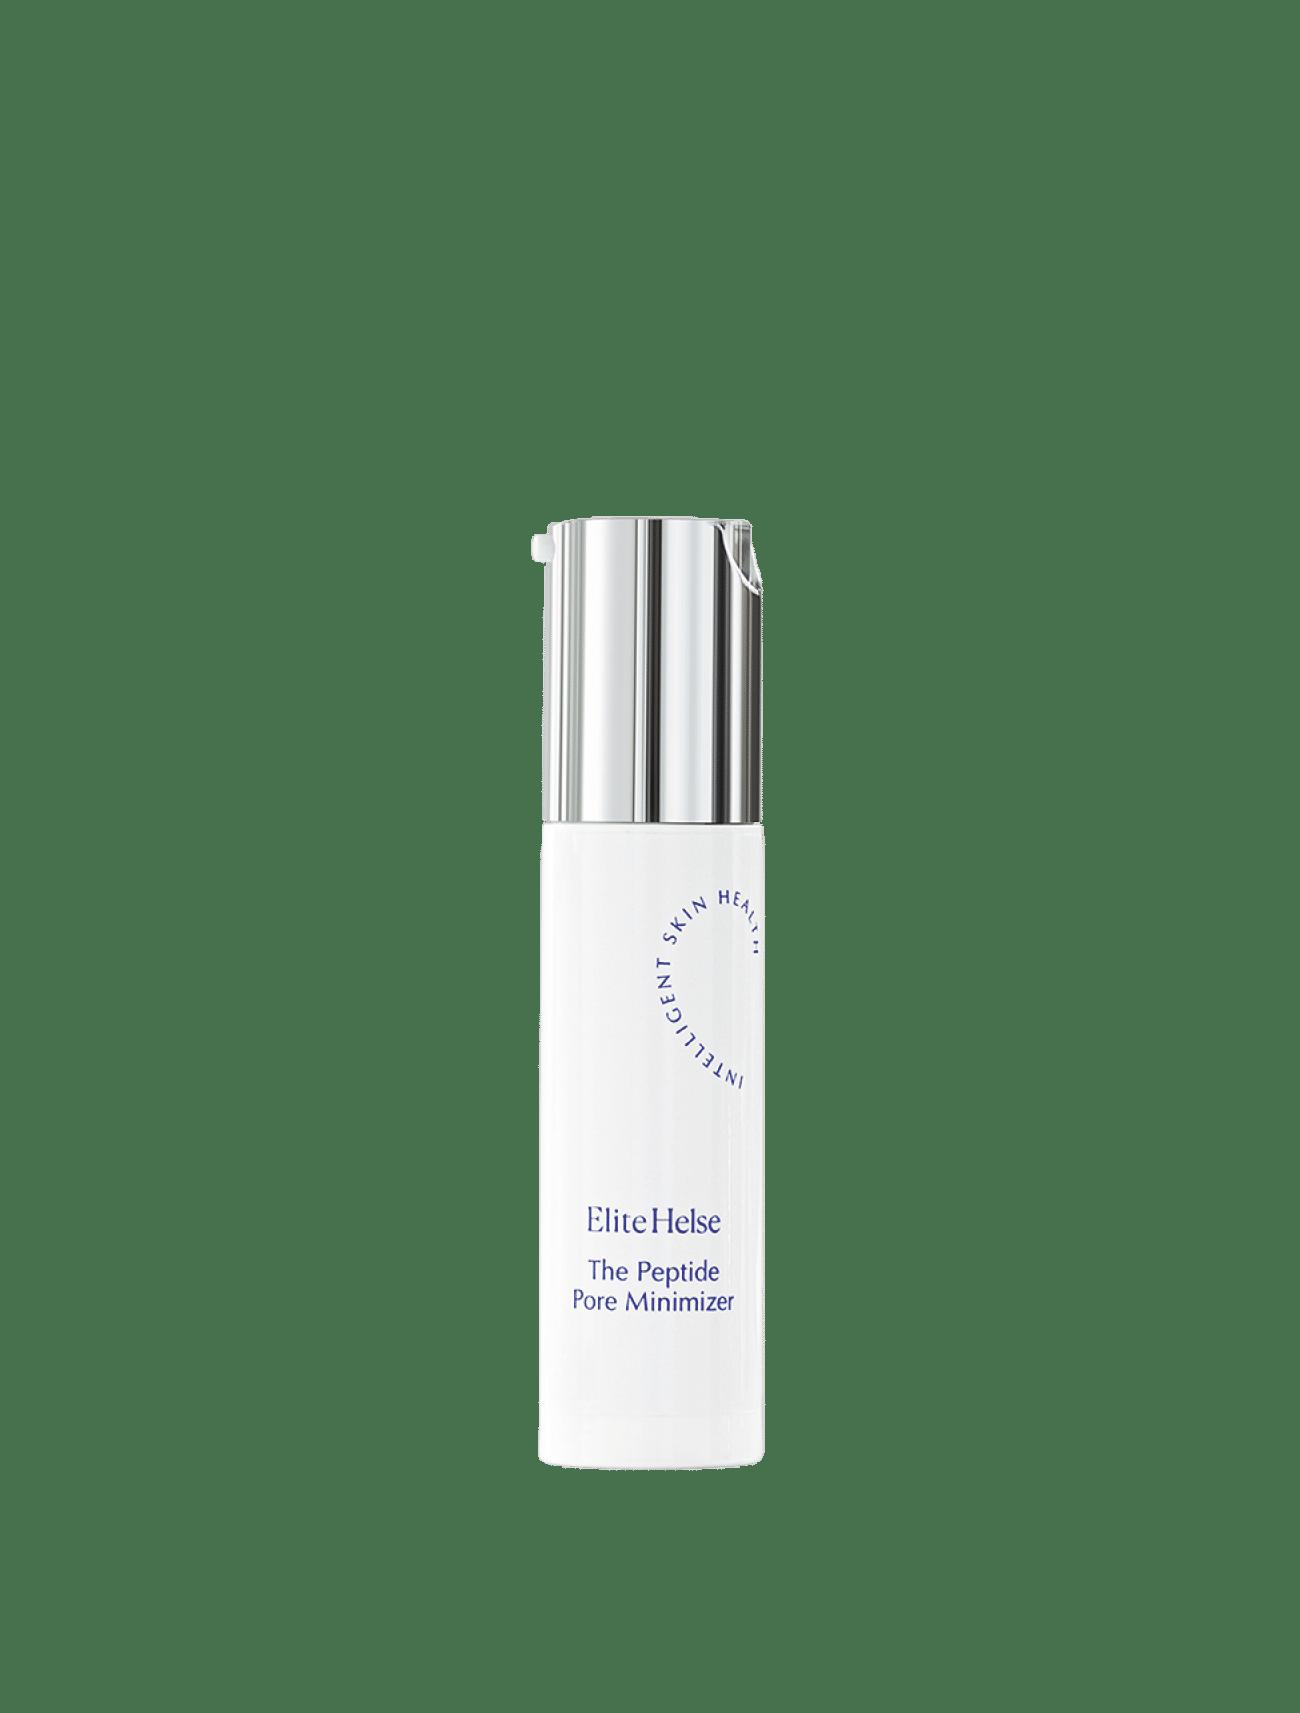 The Peptide Pore Minimizer